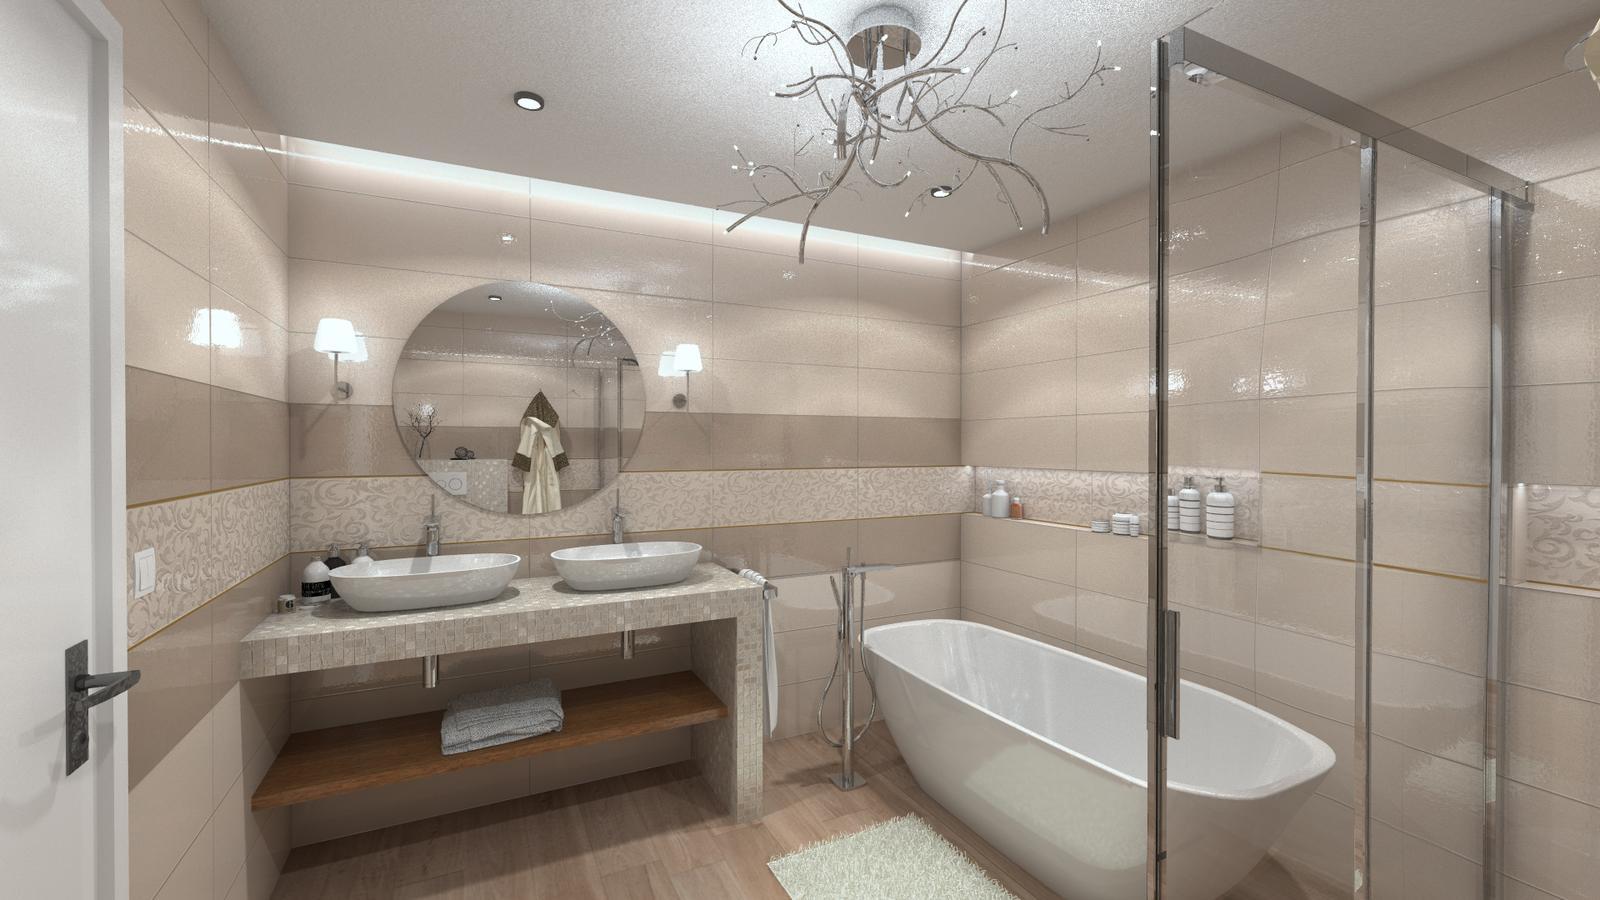 Vizualizácie kúpeľní - Obklady v prírodných farbách s nádychom luxusu. Vizualizácia kúpeľne. Viac našich inšpiratívnych návrhov nájdete na: www.modernekupelne.sk/navrhy-kupelni